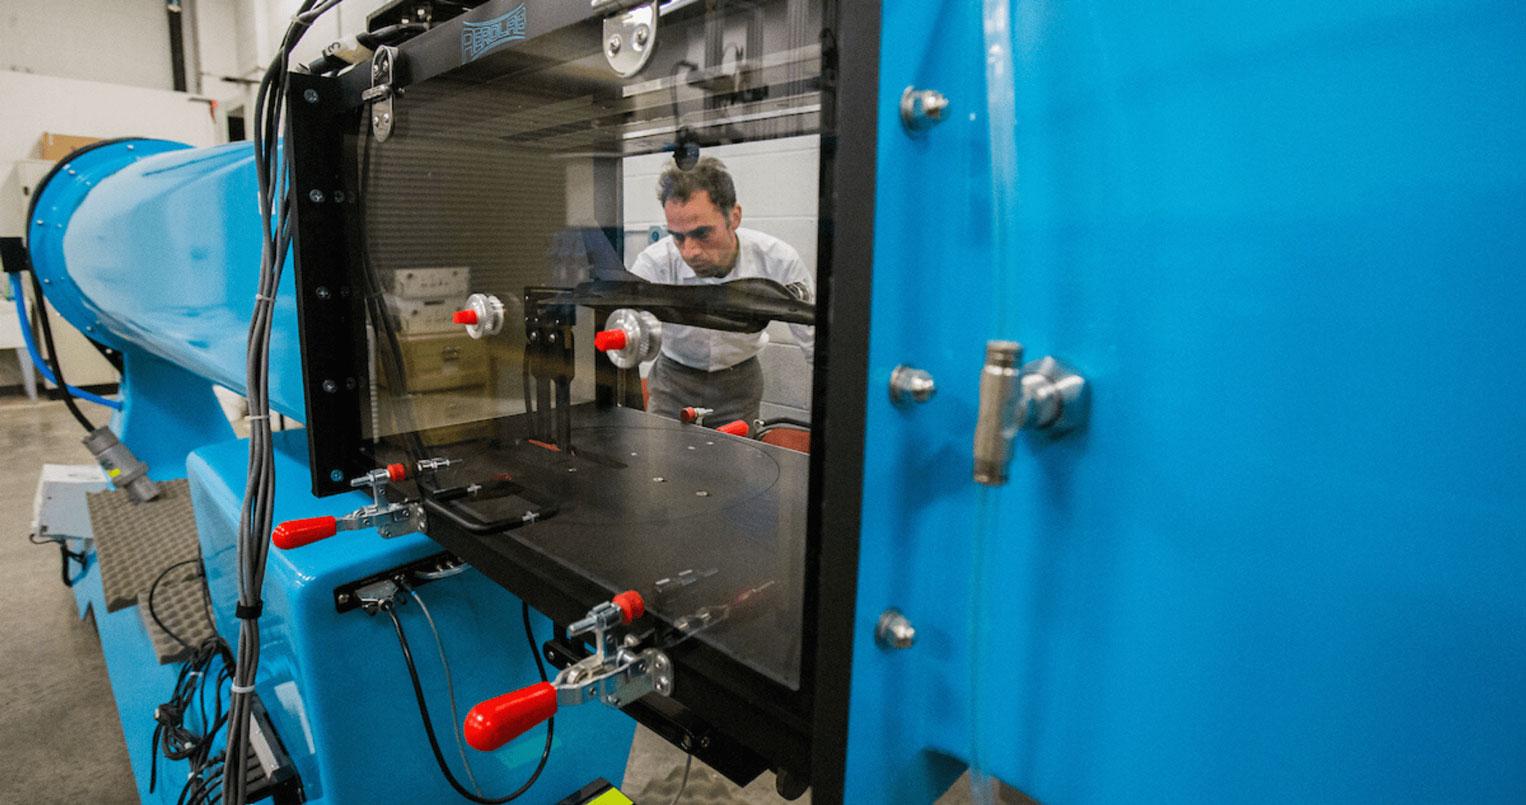 Fotografía genérica de equipos de laboratorio de ingeniería.